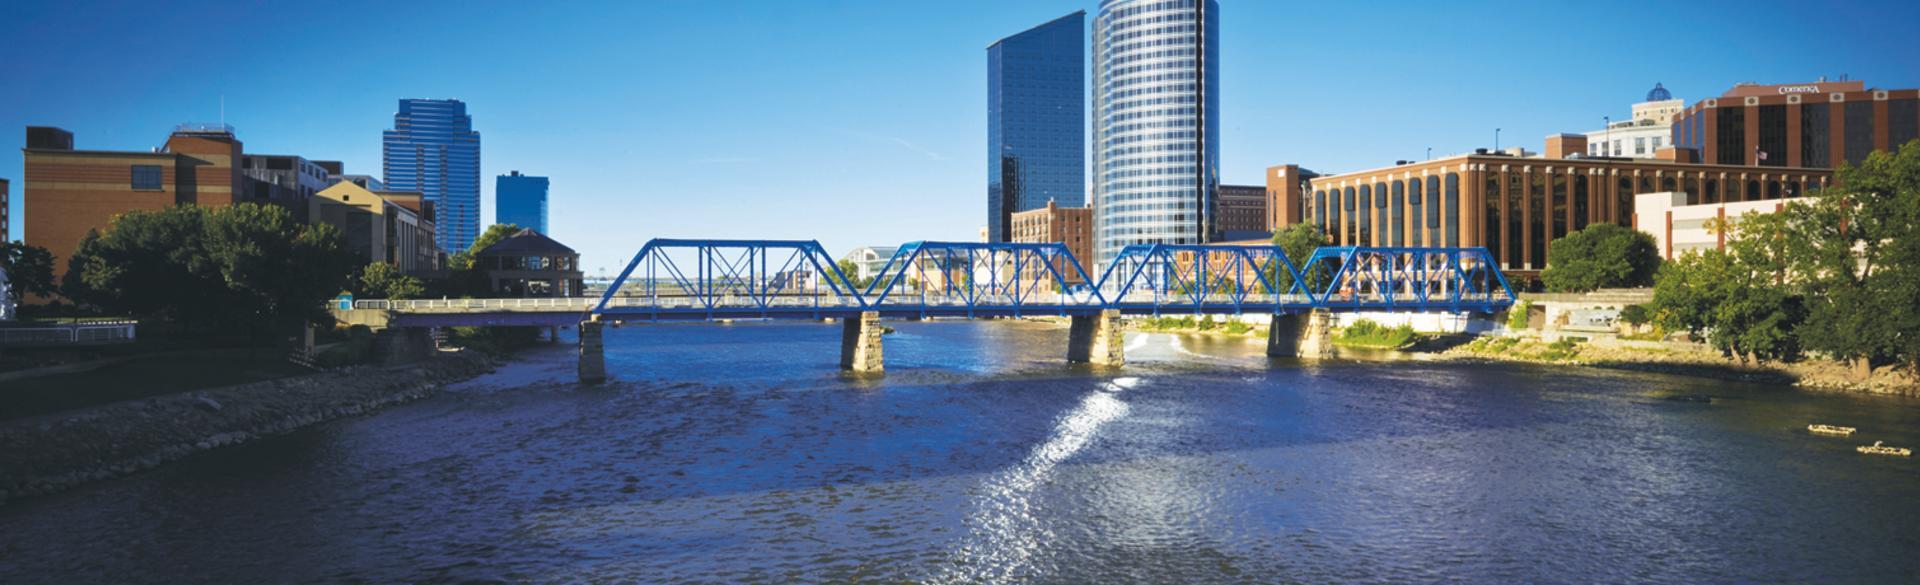 Downtown skyline with bridge